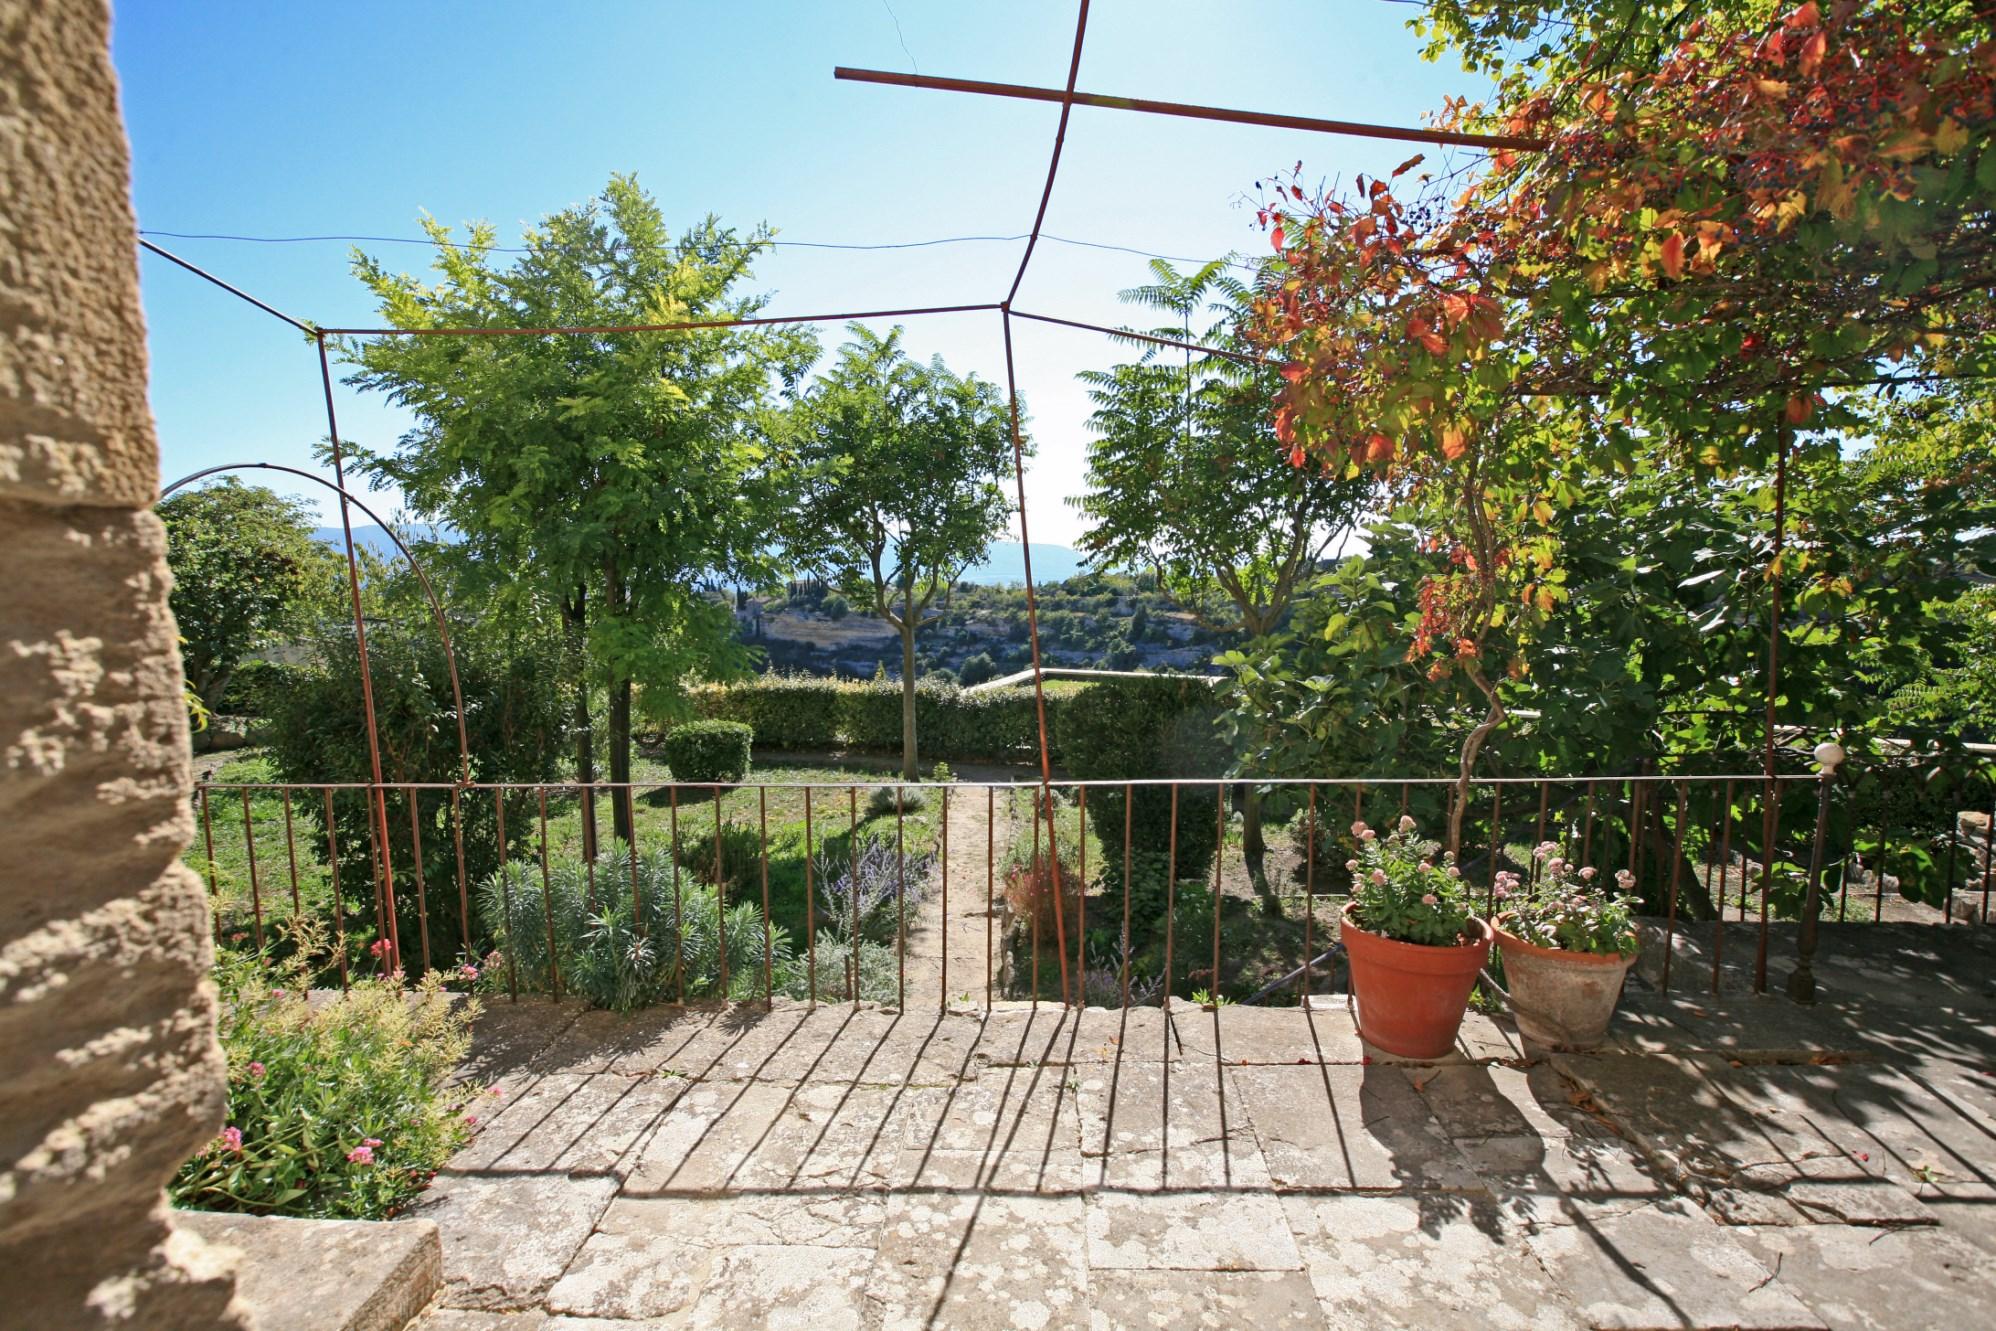 Maison avec jardin à vendre en Provence